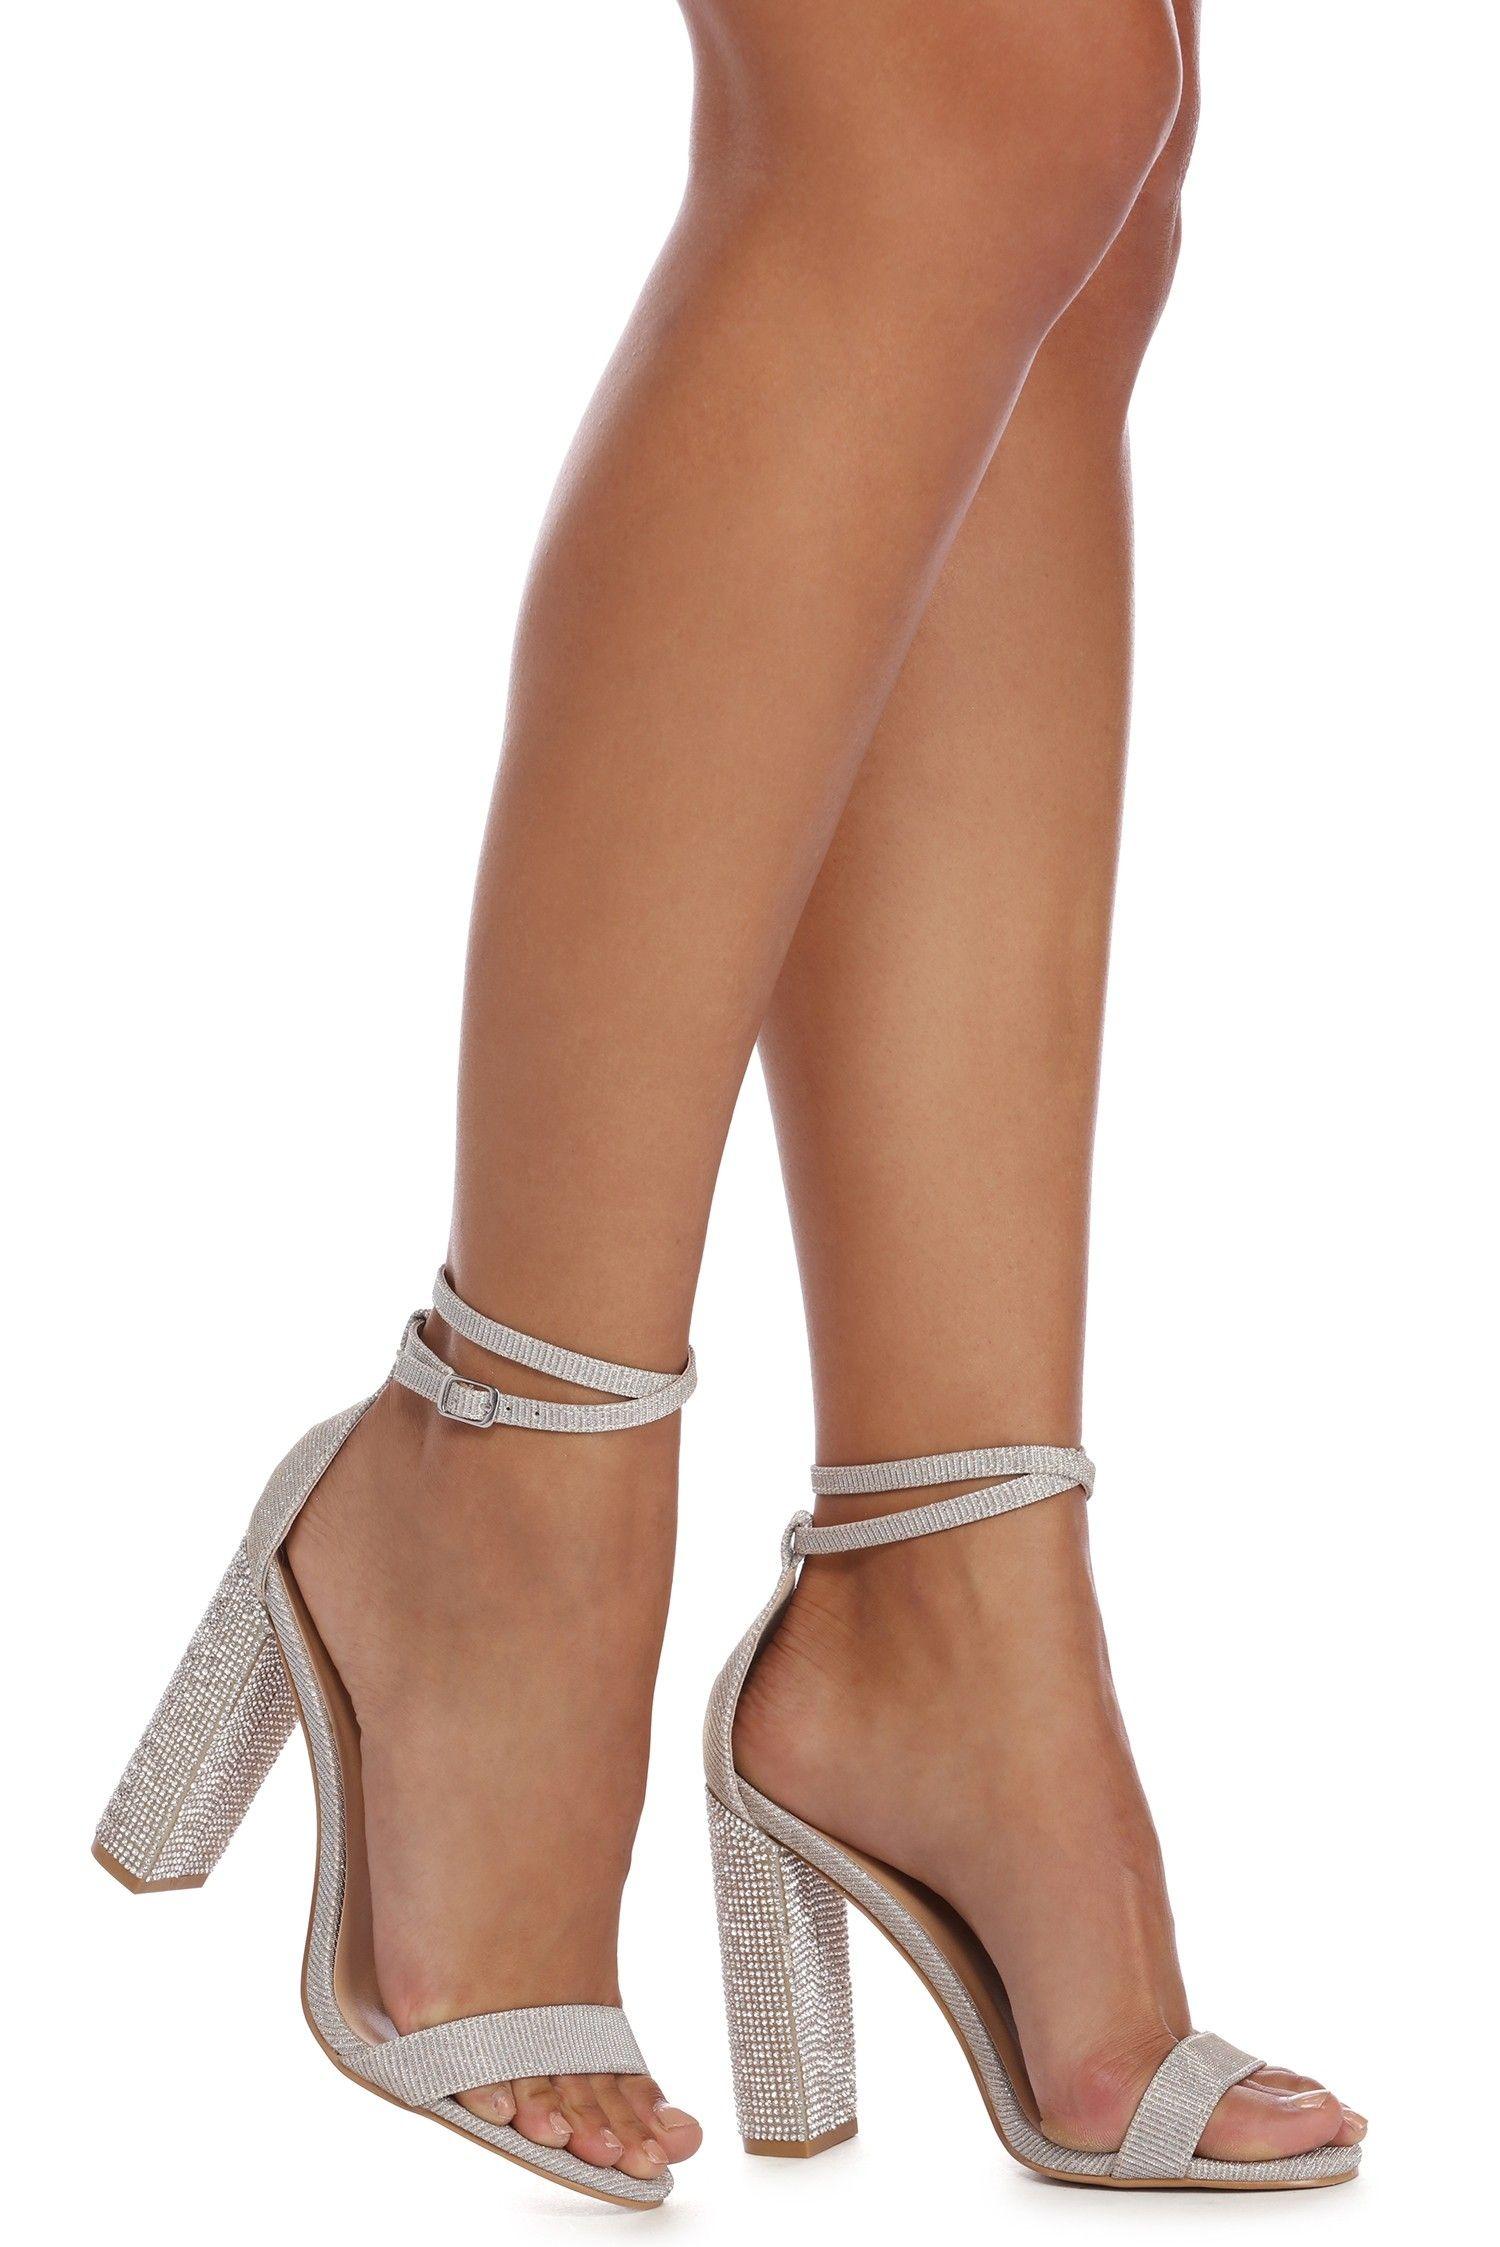 ab519e4708f Silver Glitter Glam Rhinestone Social Heels